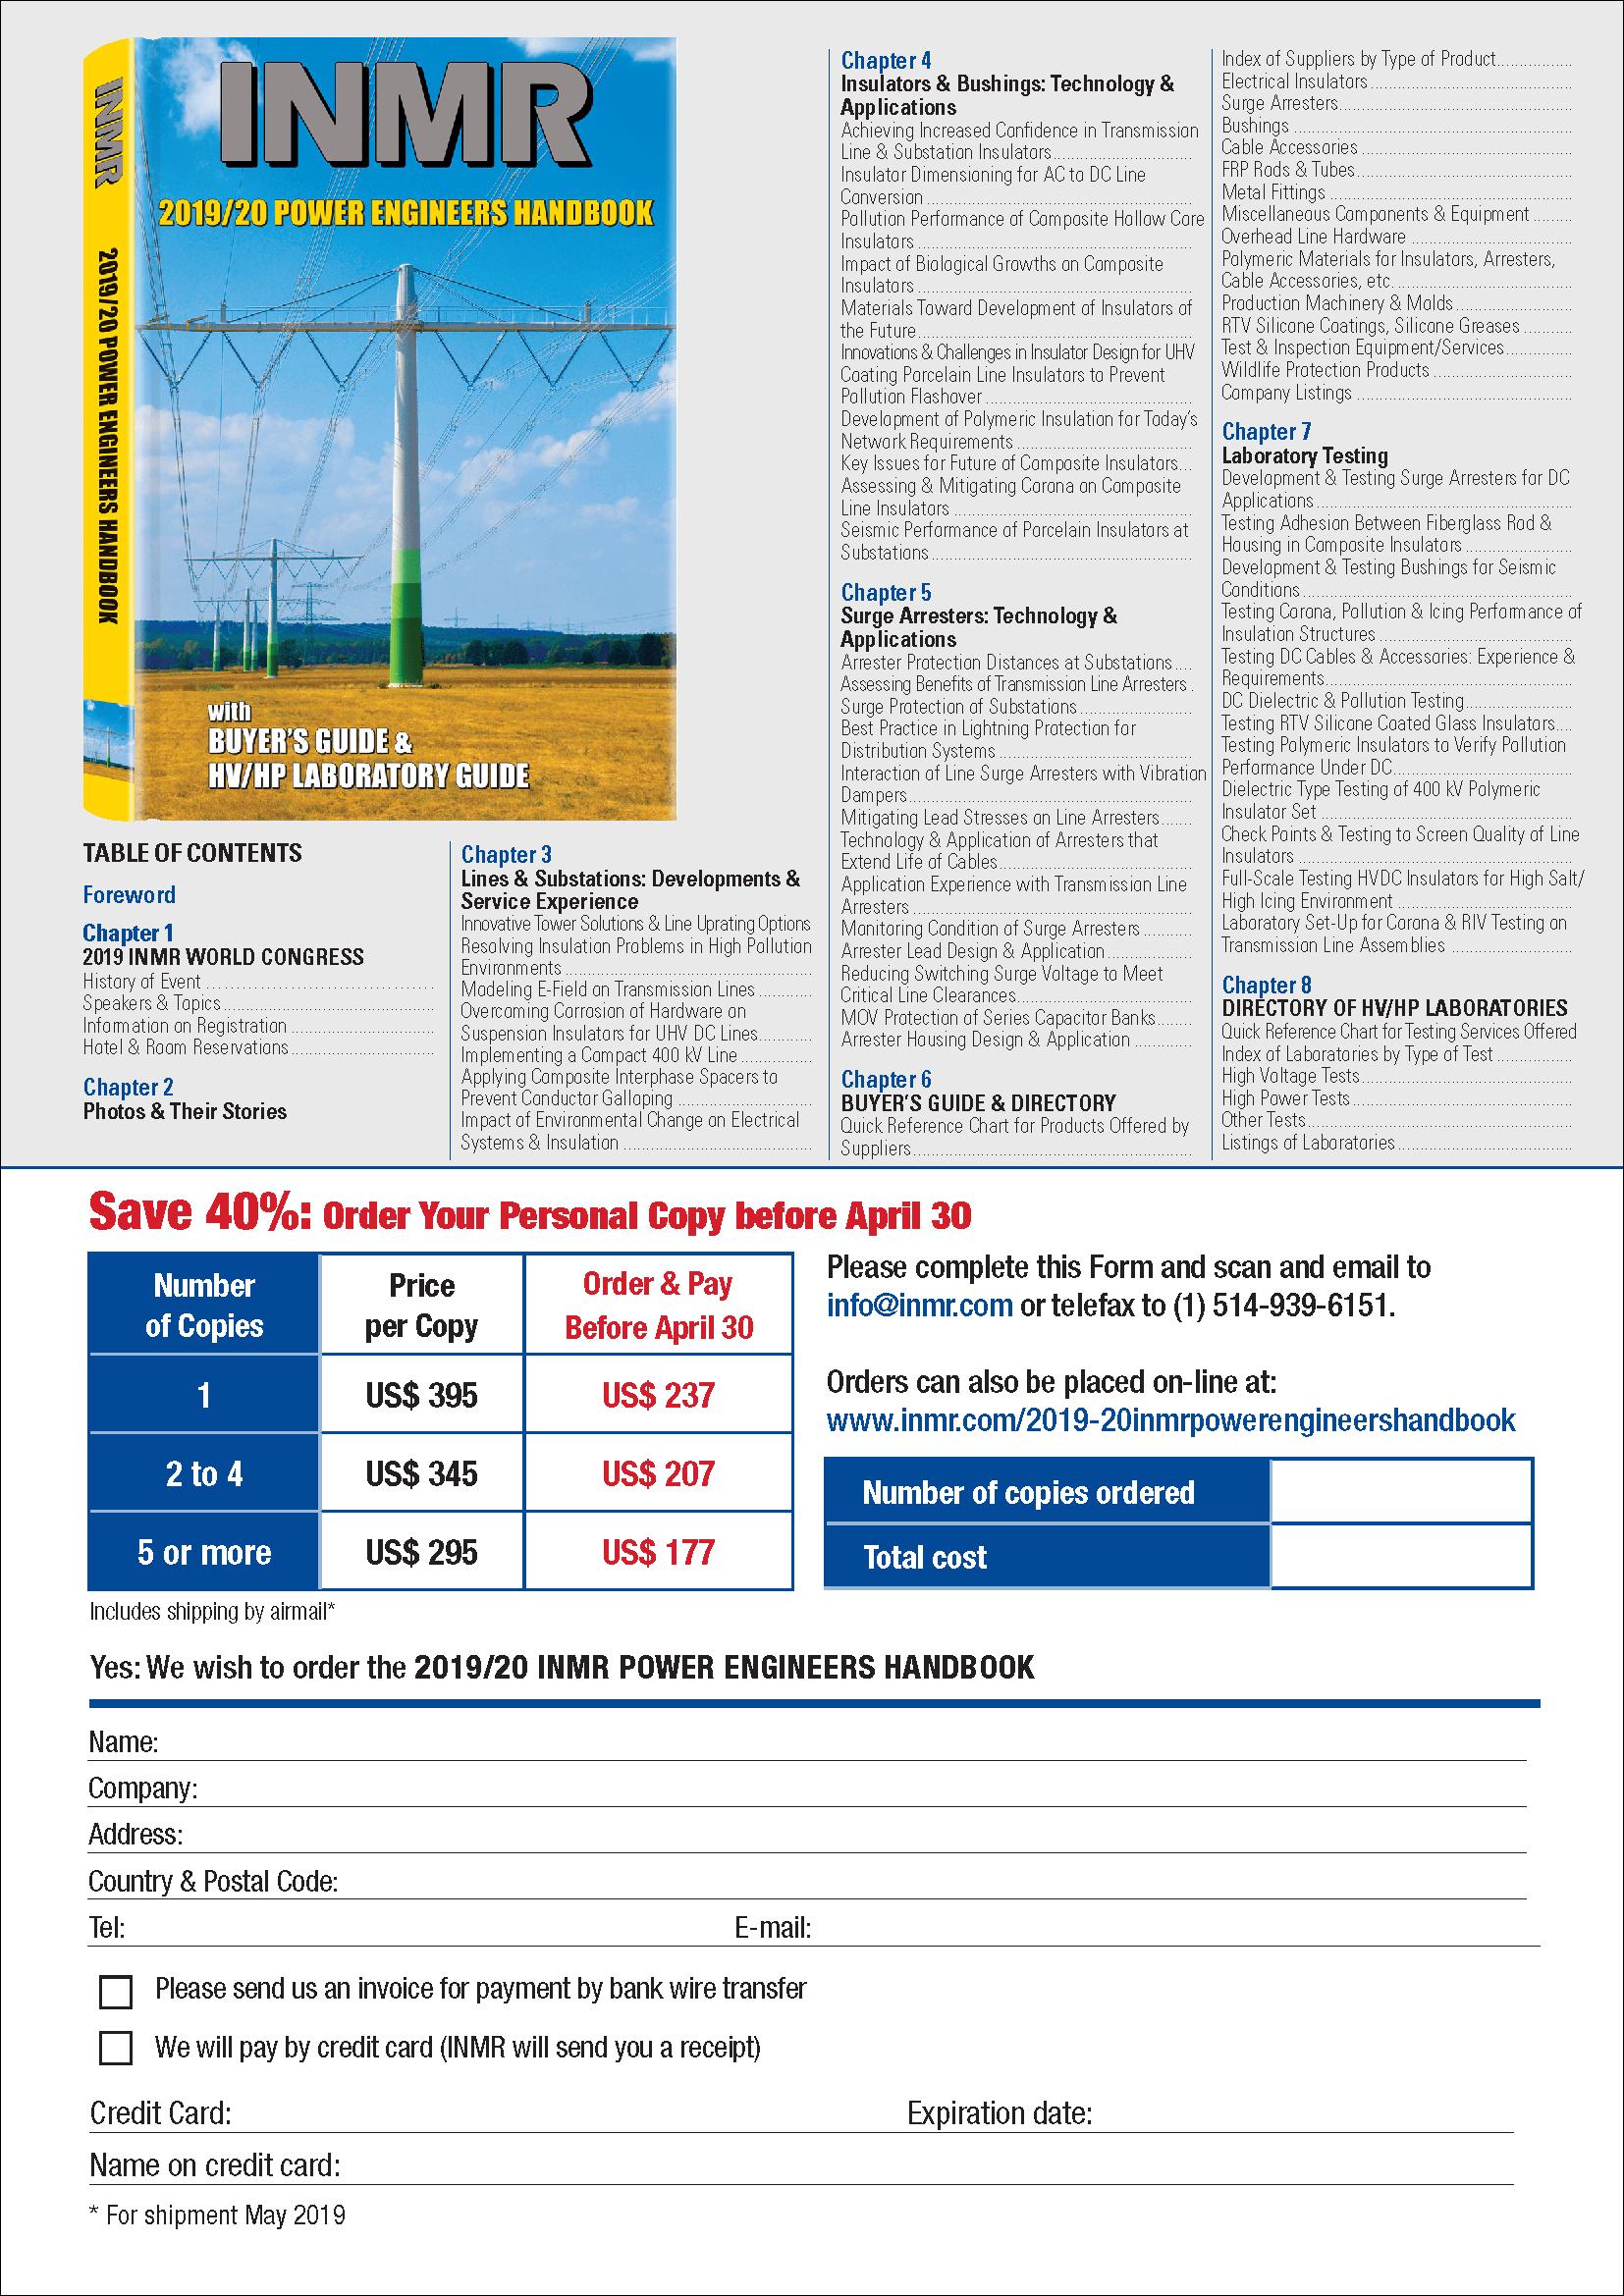 2019/20 INMR POWER ENGINEERS HANDBOOK order form [object object] 2019/20 INMR POWER ENGINEERS HANDBOOK Order Form for 2019 20 INMR POWER ENGINEERS HANDBOOK 1